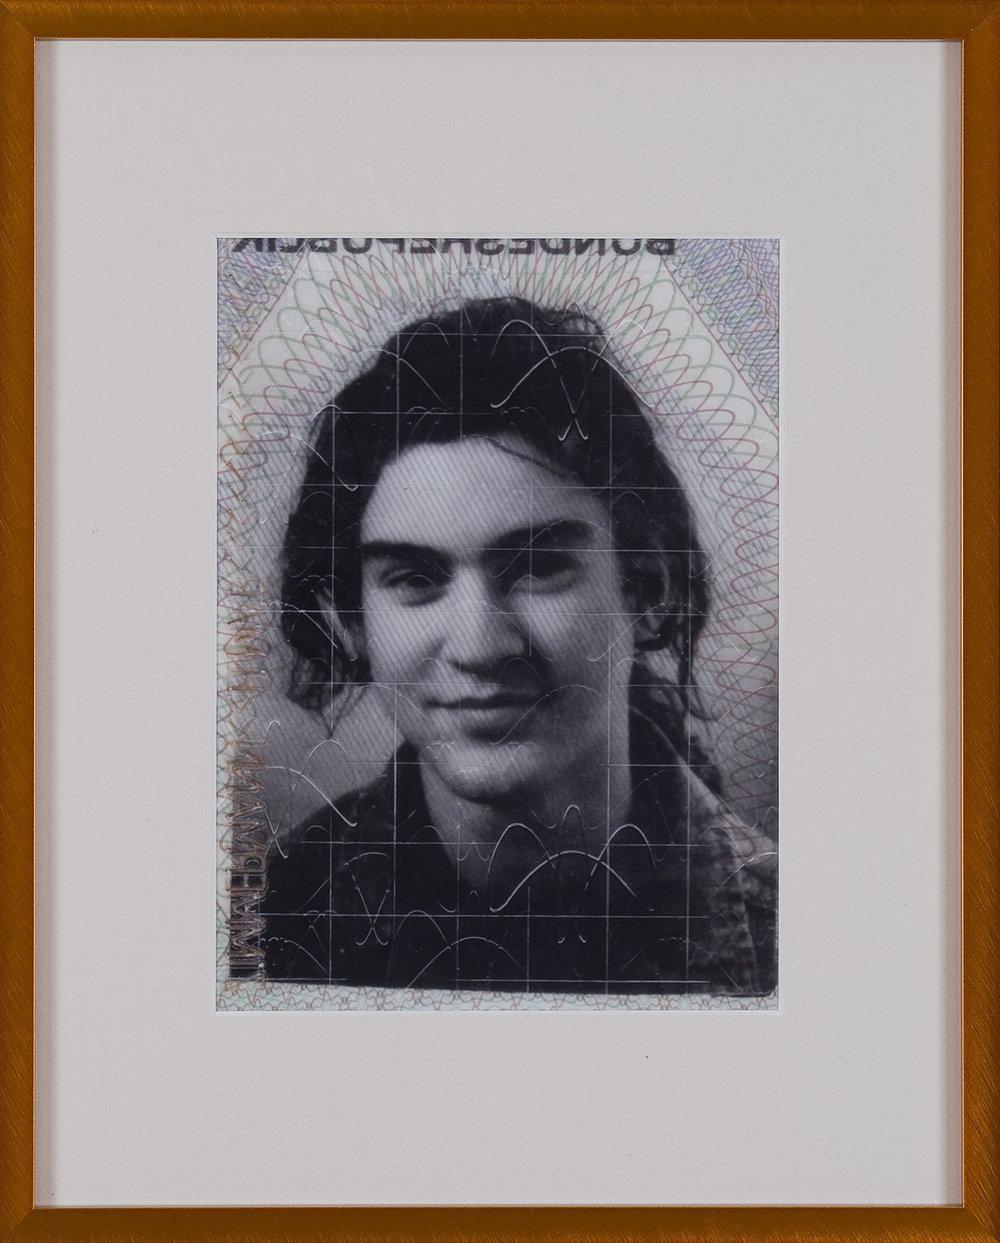 Old ID | 2010 | Farbiger Digitaldruck auf Fuji Crystal Archive Papier | 19,5 x 14,5 cm